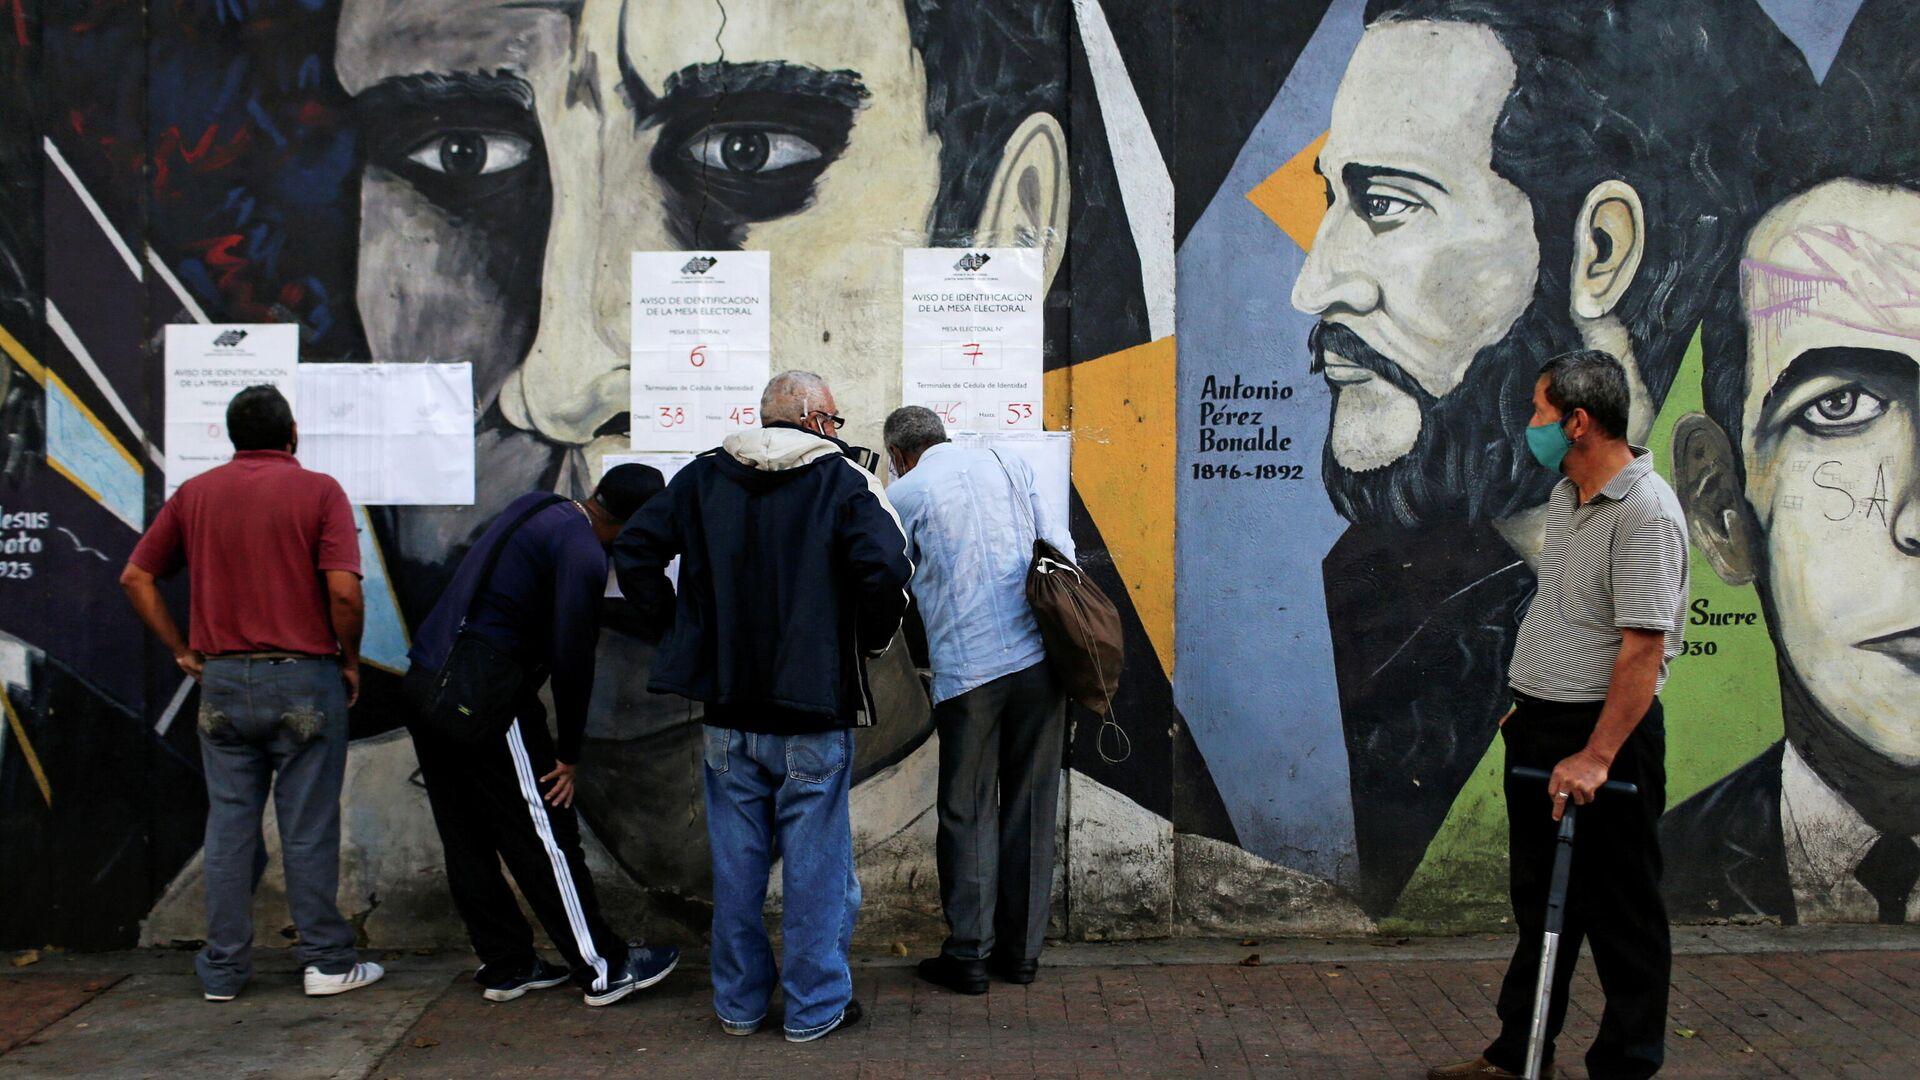 Люди проверяют списки возле избирательного участка во время парламентских выборов в Каракасе, Венесуэла - РИА Новости, 1920, 07.12.2020